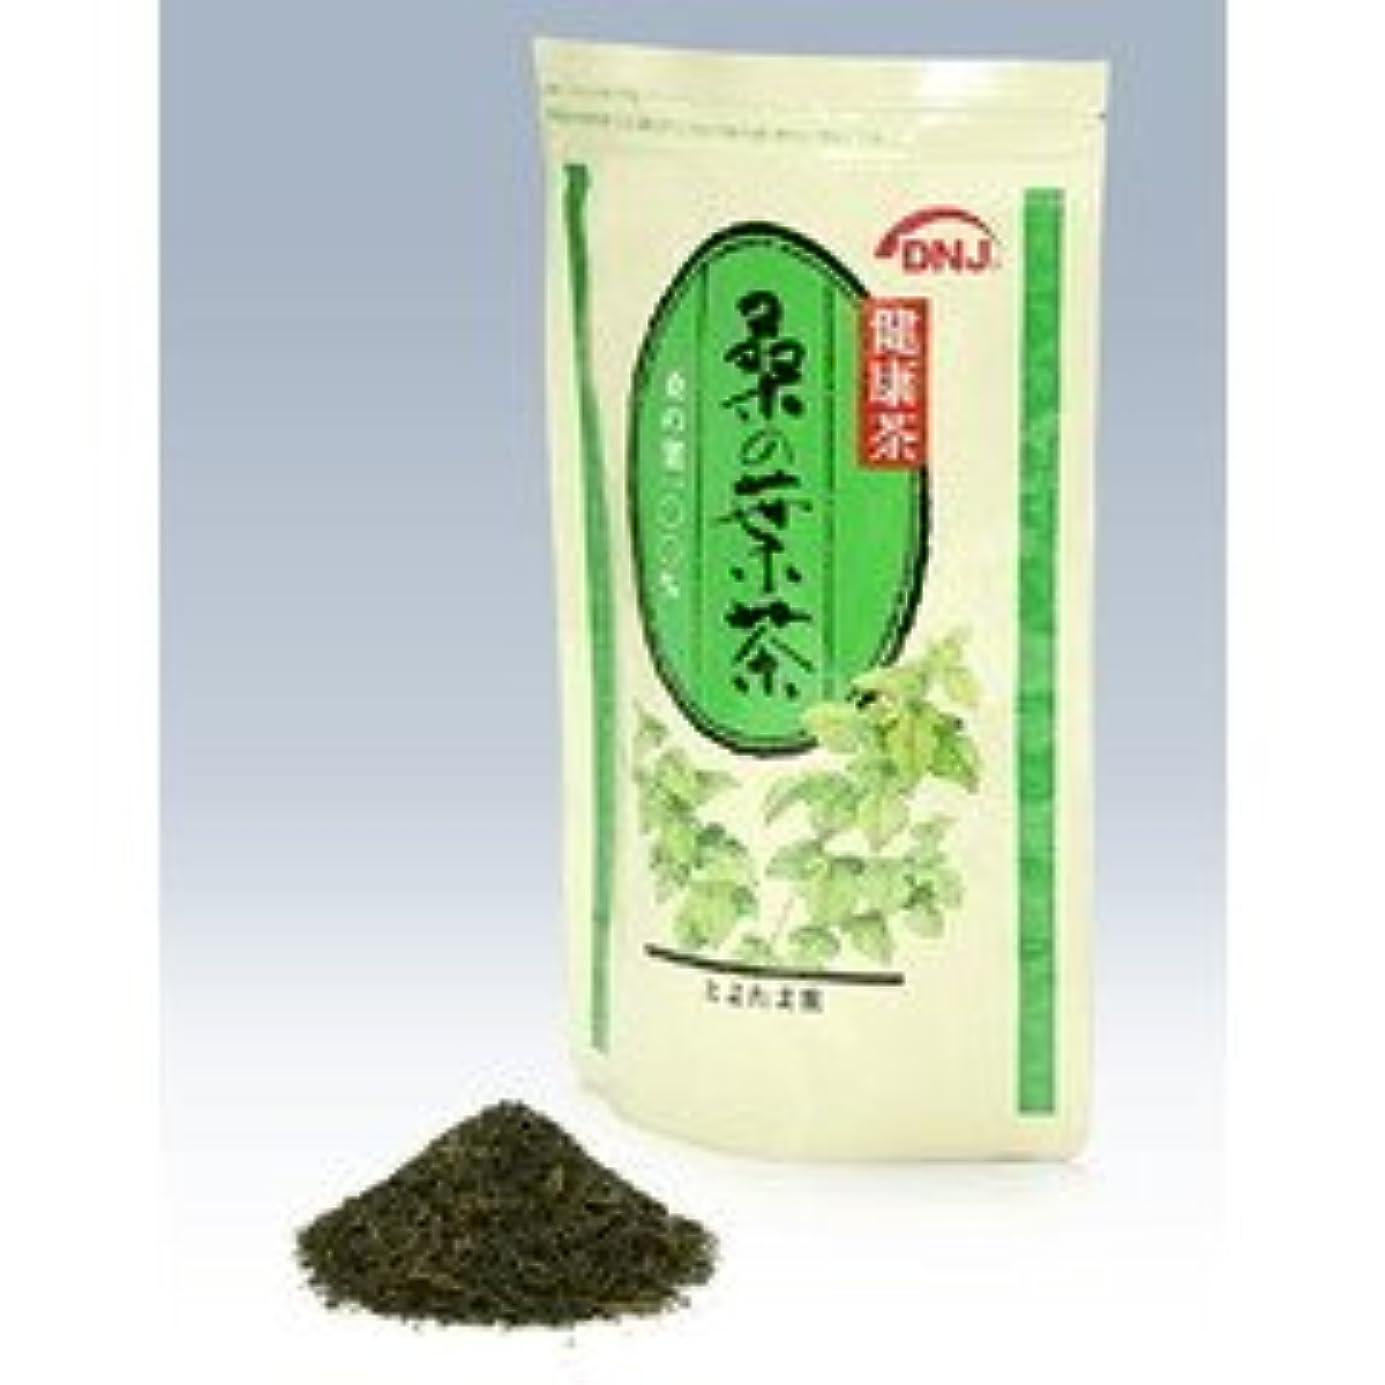 あそこ主人写真のトヨタマ 桑の葉茶 90g